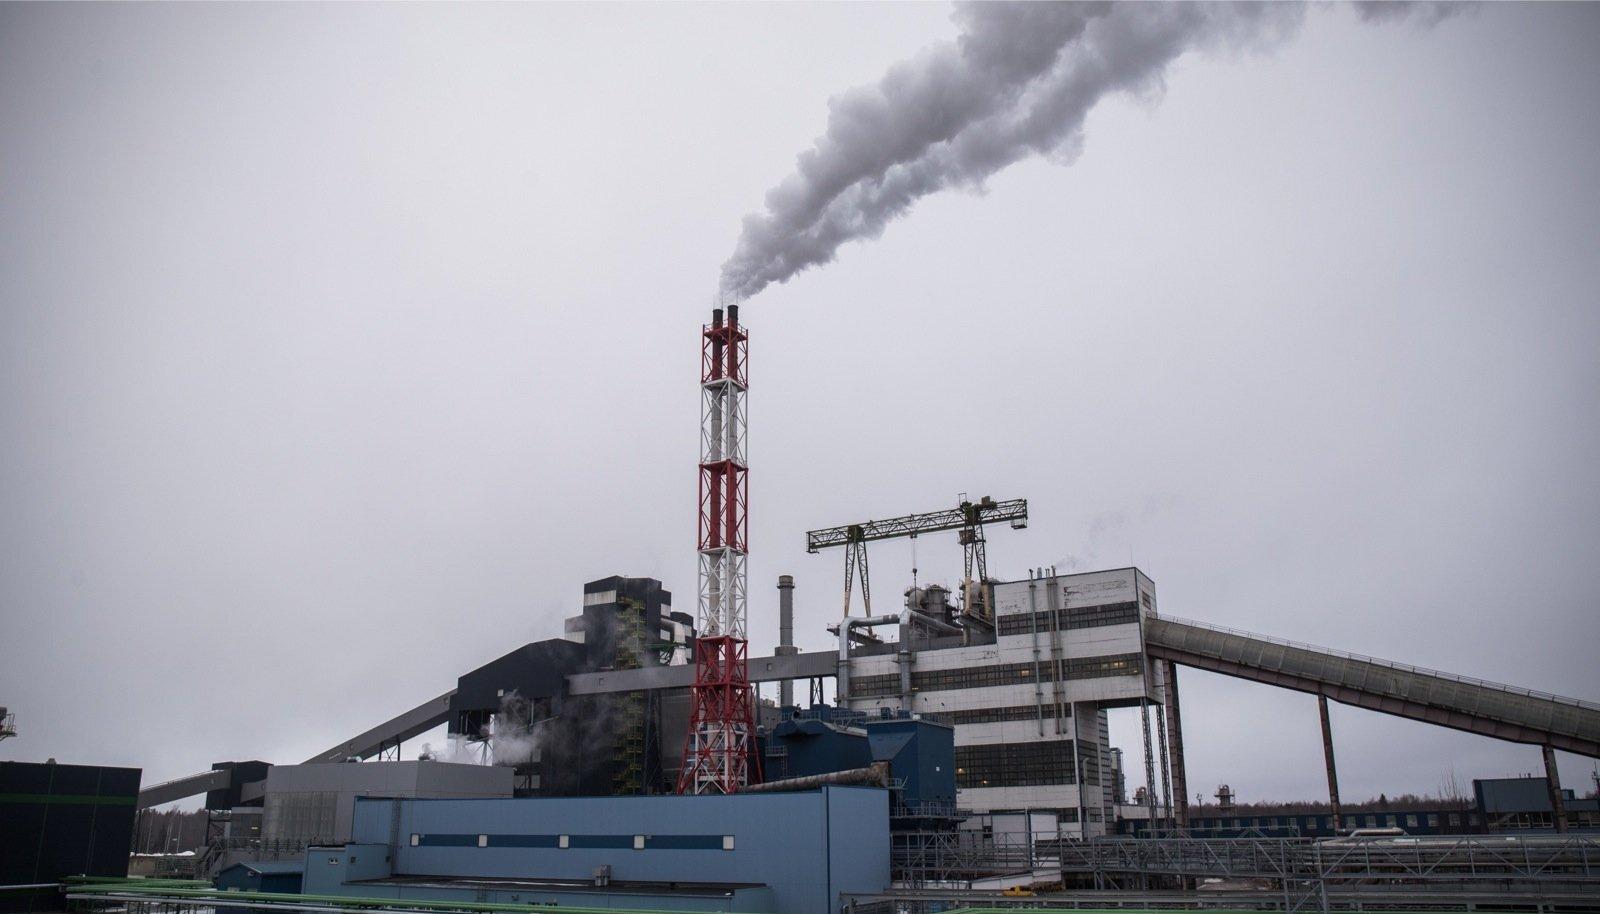 Eesti on jõudnud taastuvenergia eesmärgini suuresti tänu puidu kasutamisele elektri- ja soojatootmises mitte ainult Eesti Energia Auvere jaamas, vaid ka tavalistes kodudes, kus puudega ahju köetakse.